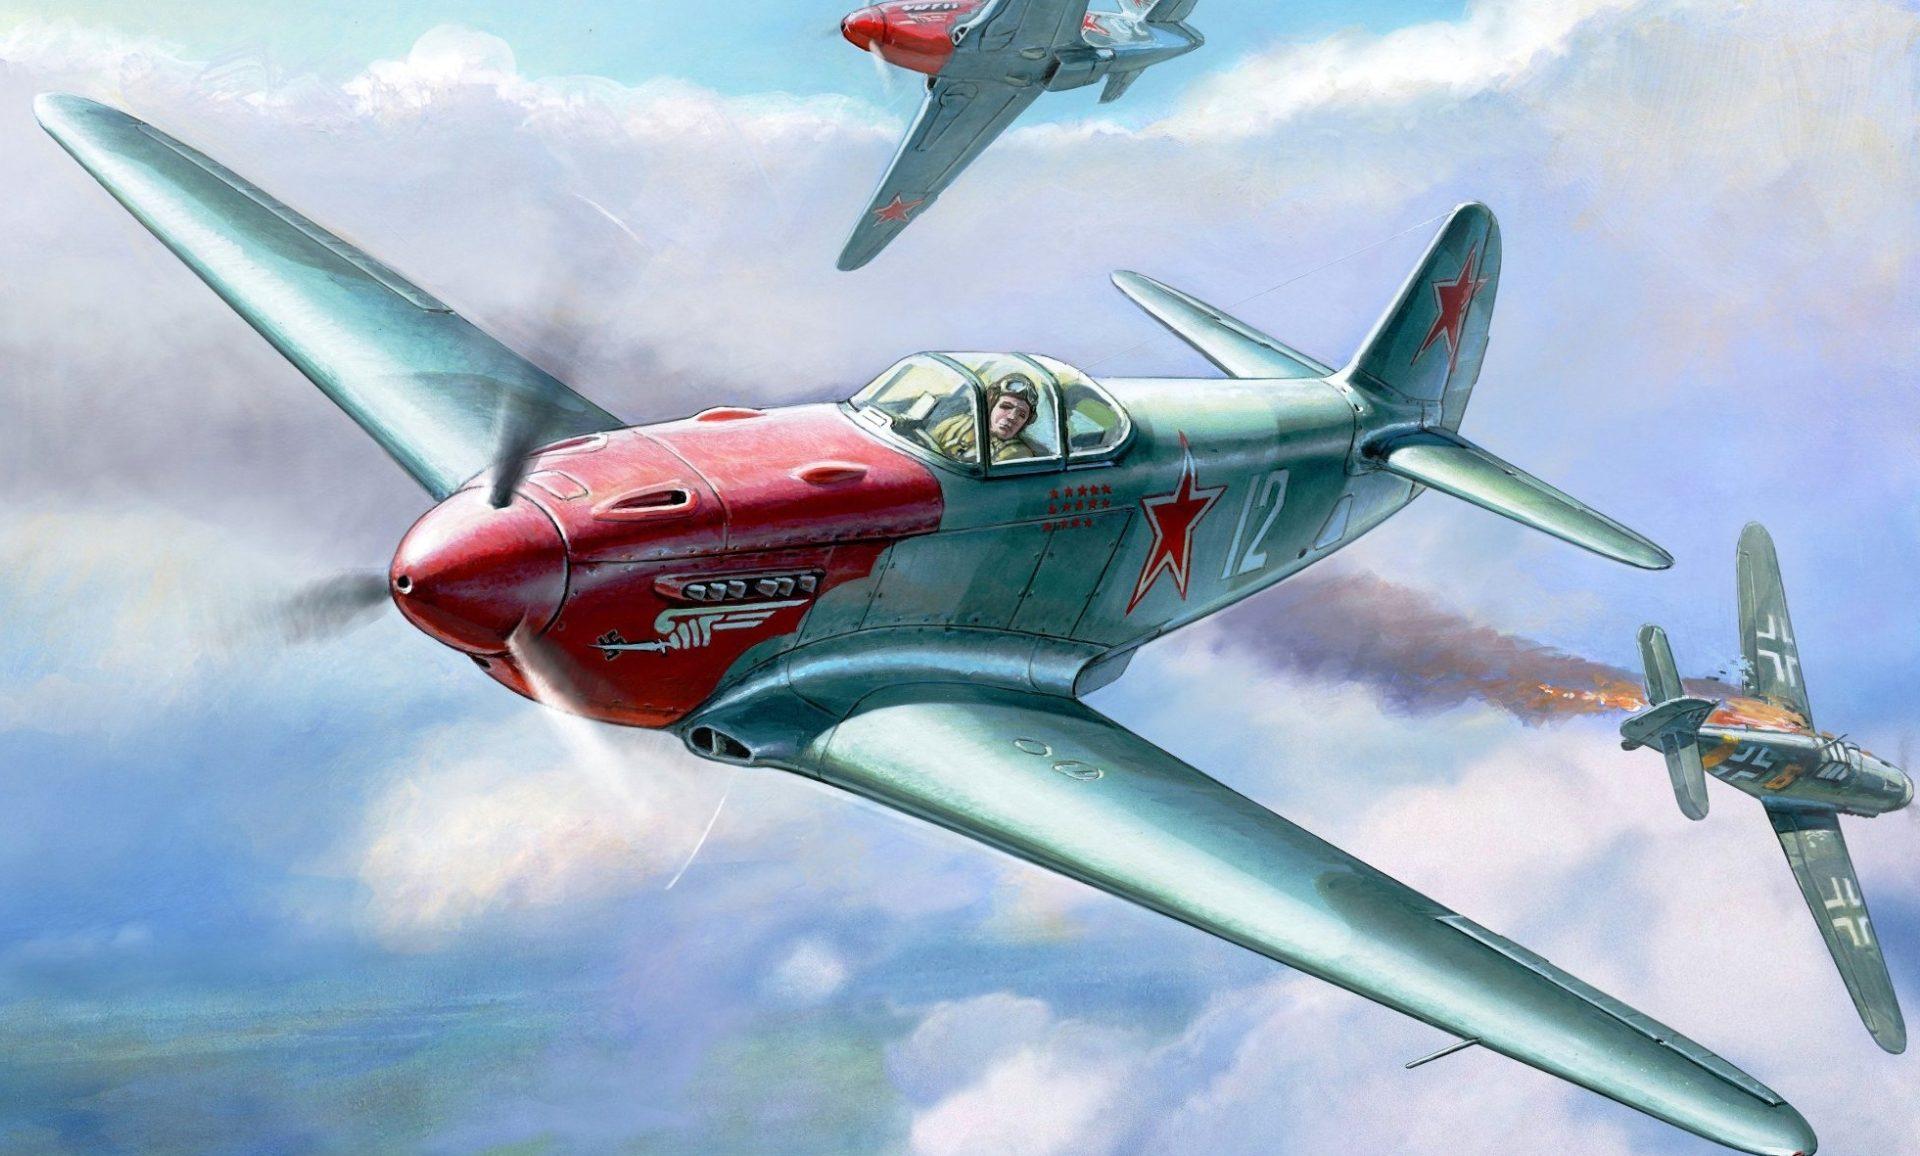 Жирнов Андрей. Истребитель Як-3.